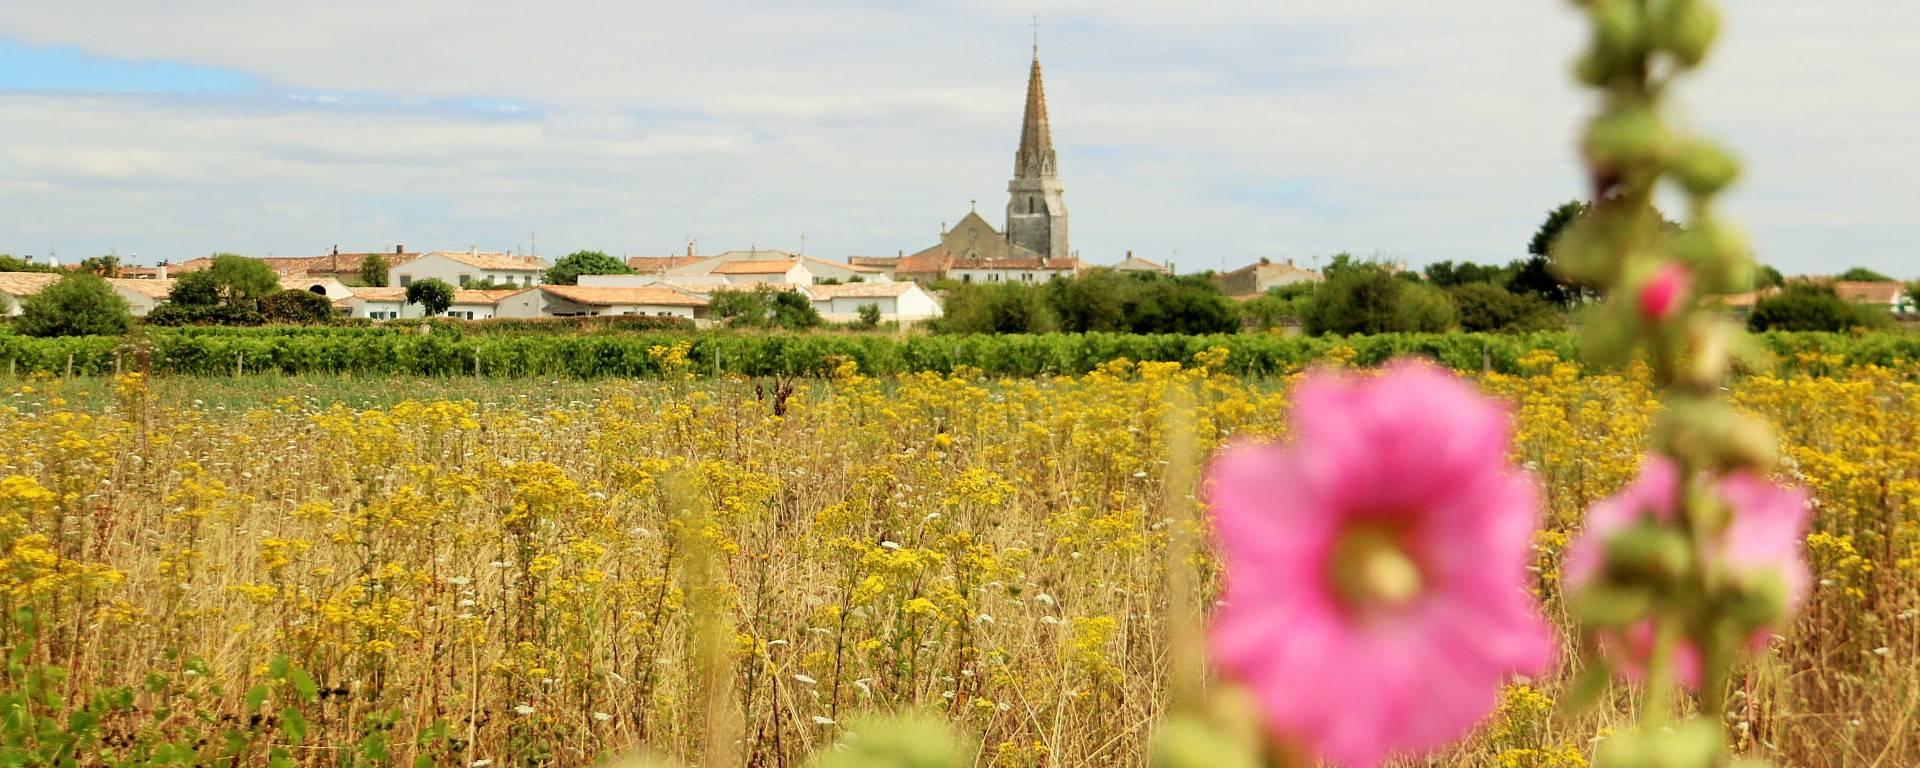 Vue sur les vignes et l'église par Lesley Willialmson